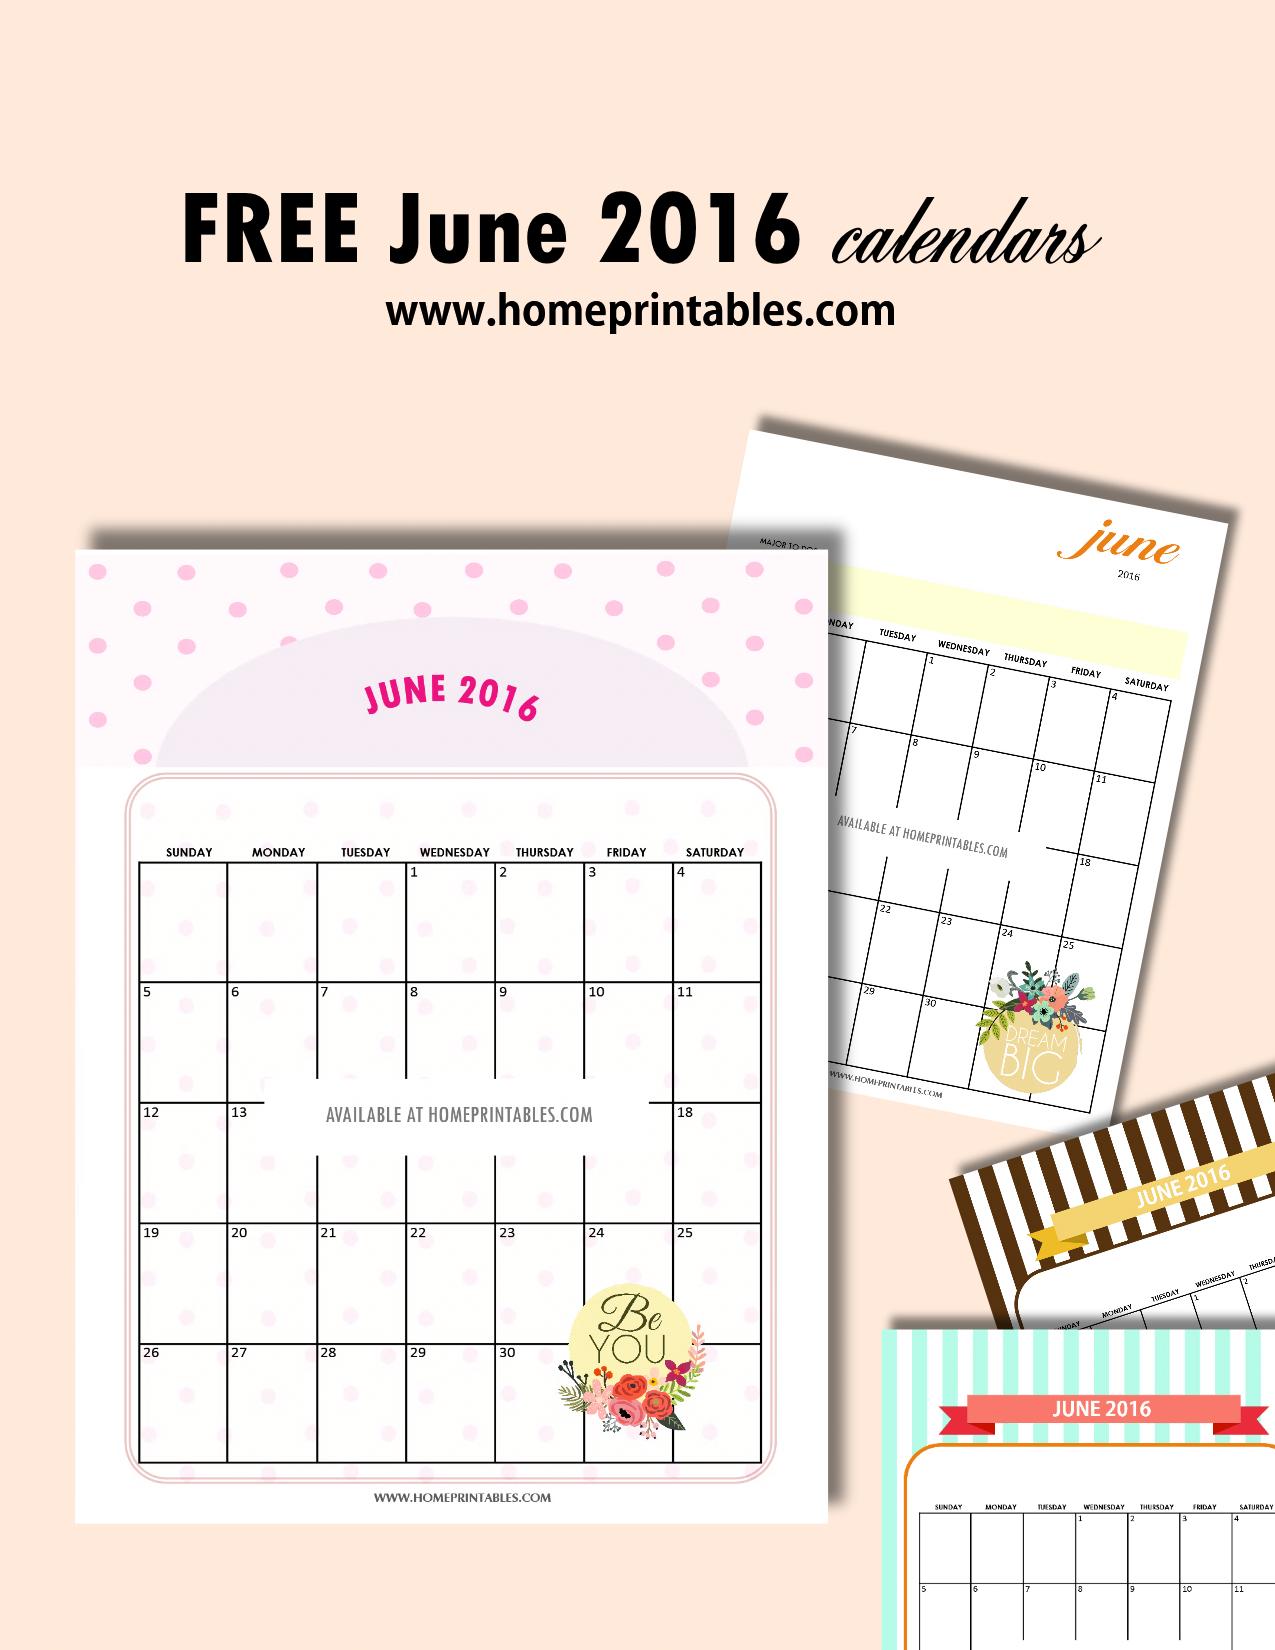 free printable June 2016 calendars